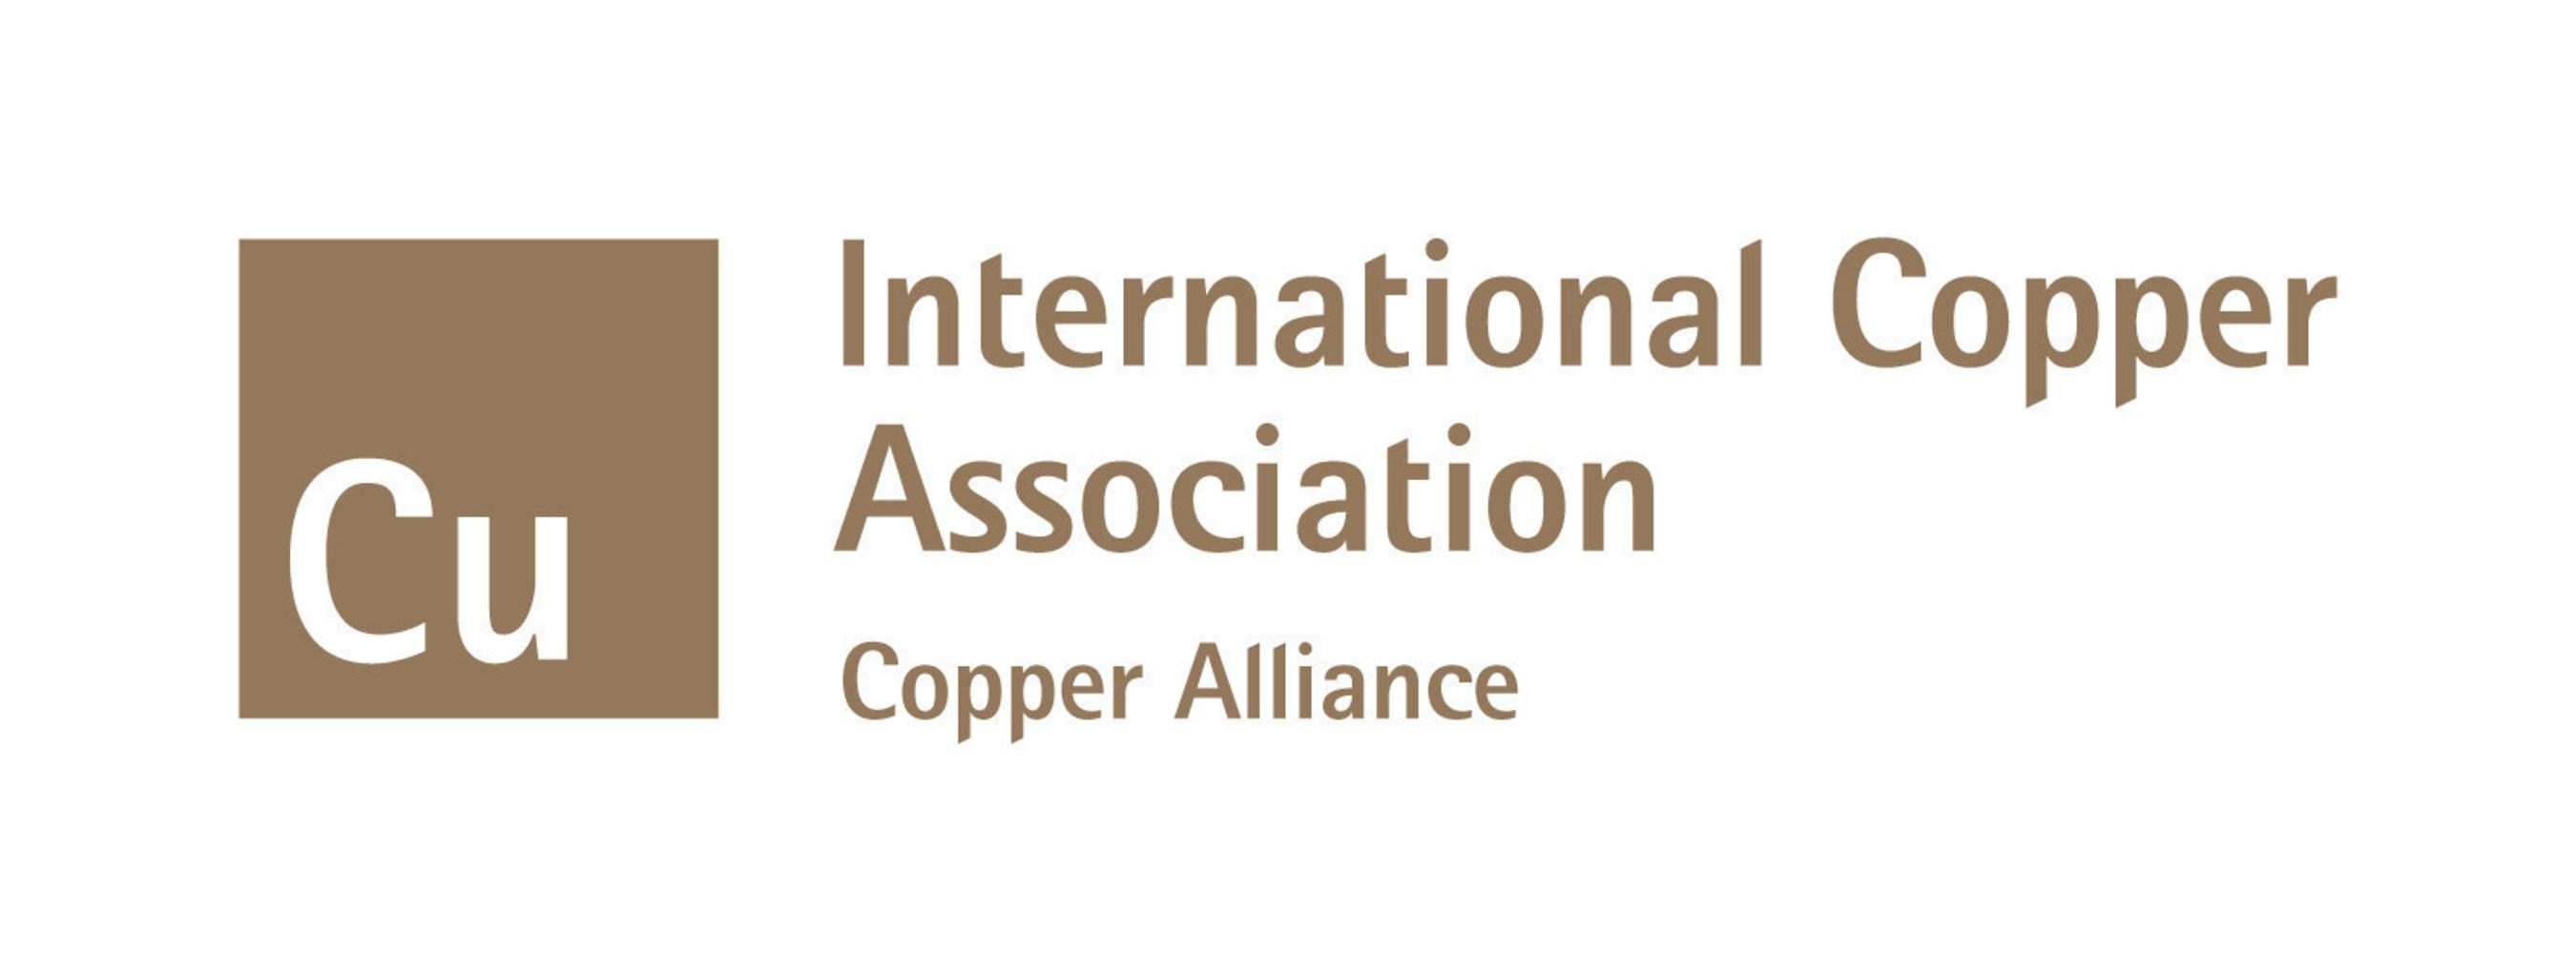 Anthony Lea indicado como Presidente da Associação Internacional do Cobre